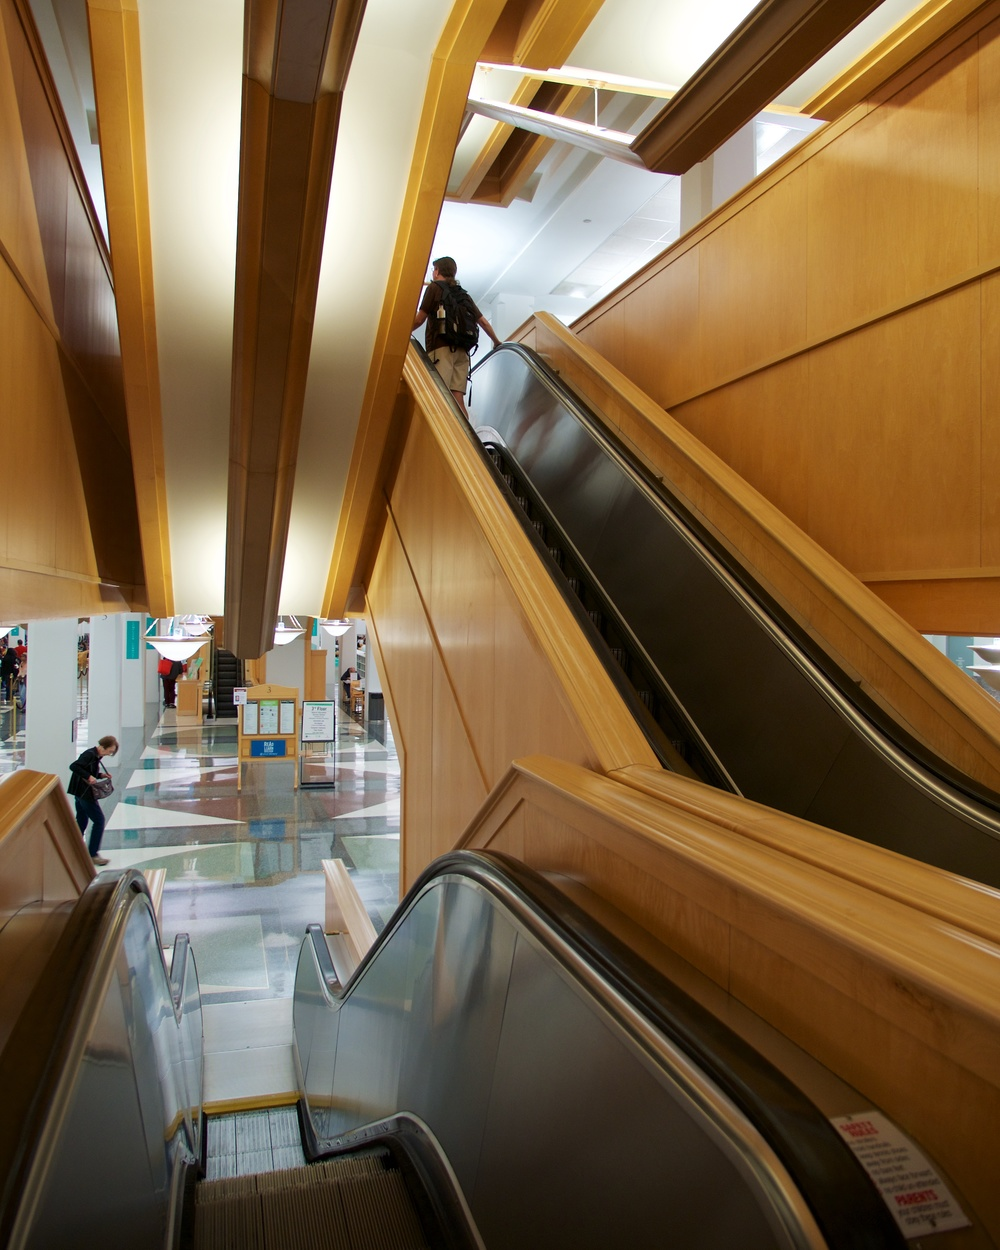 Escalators at the Harold Washington Library